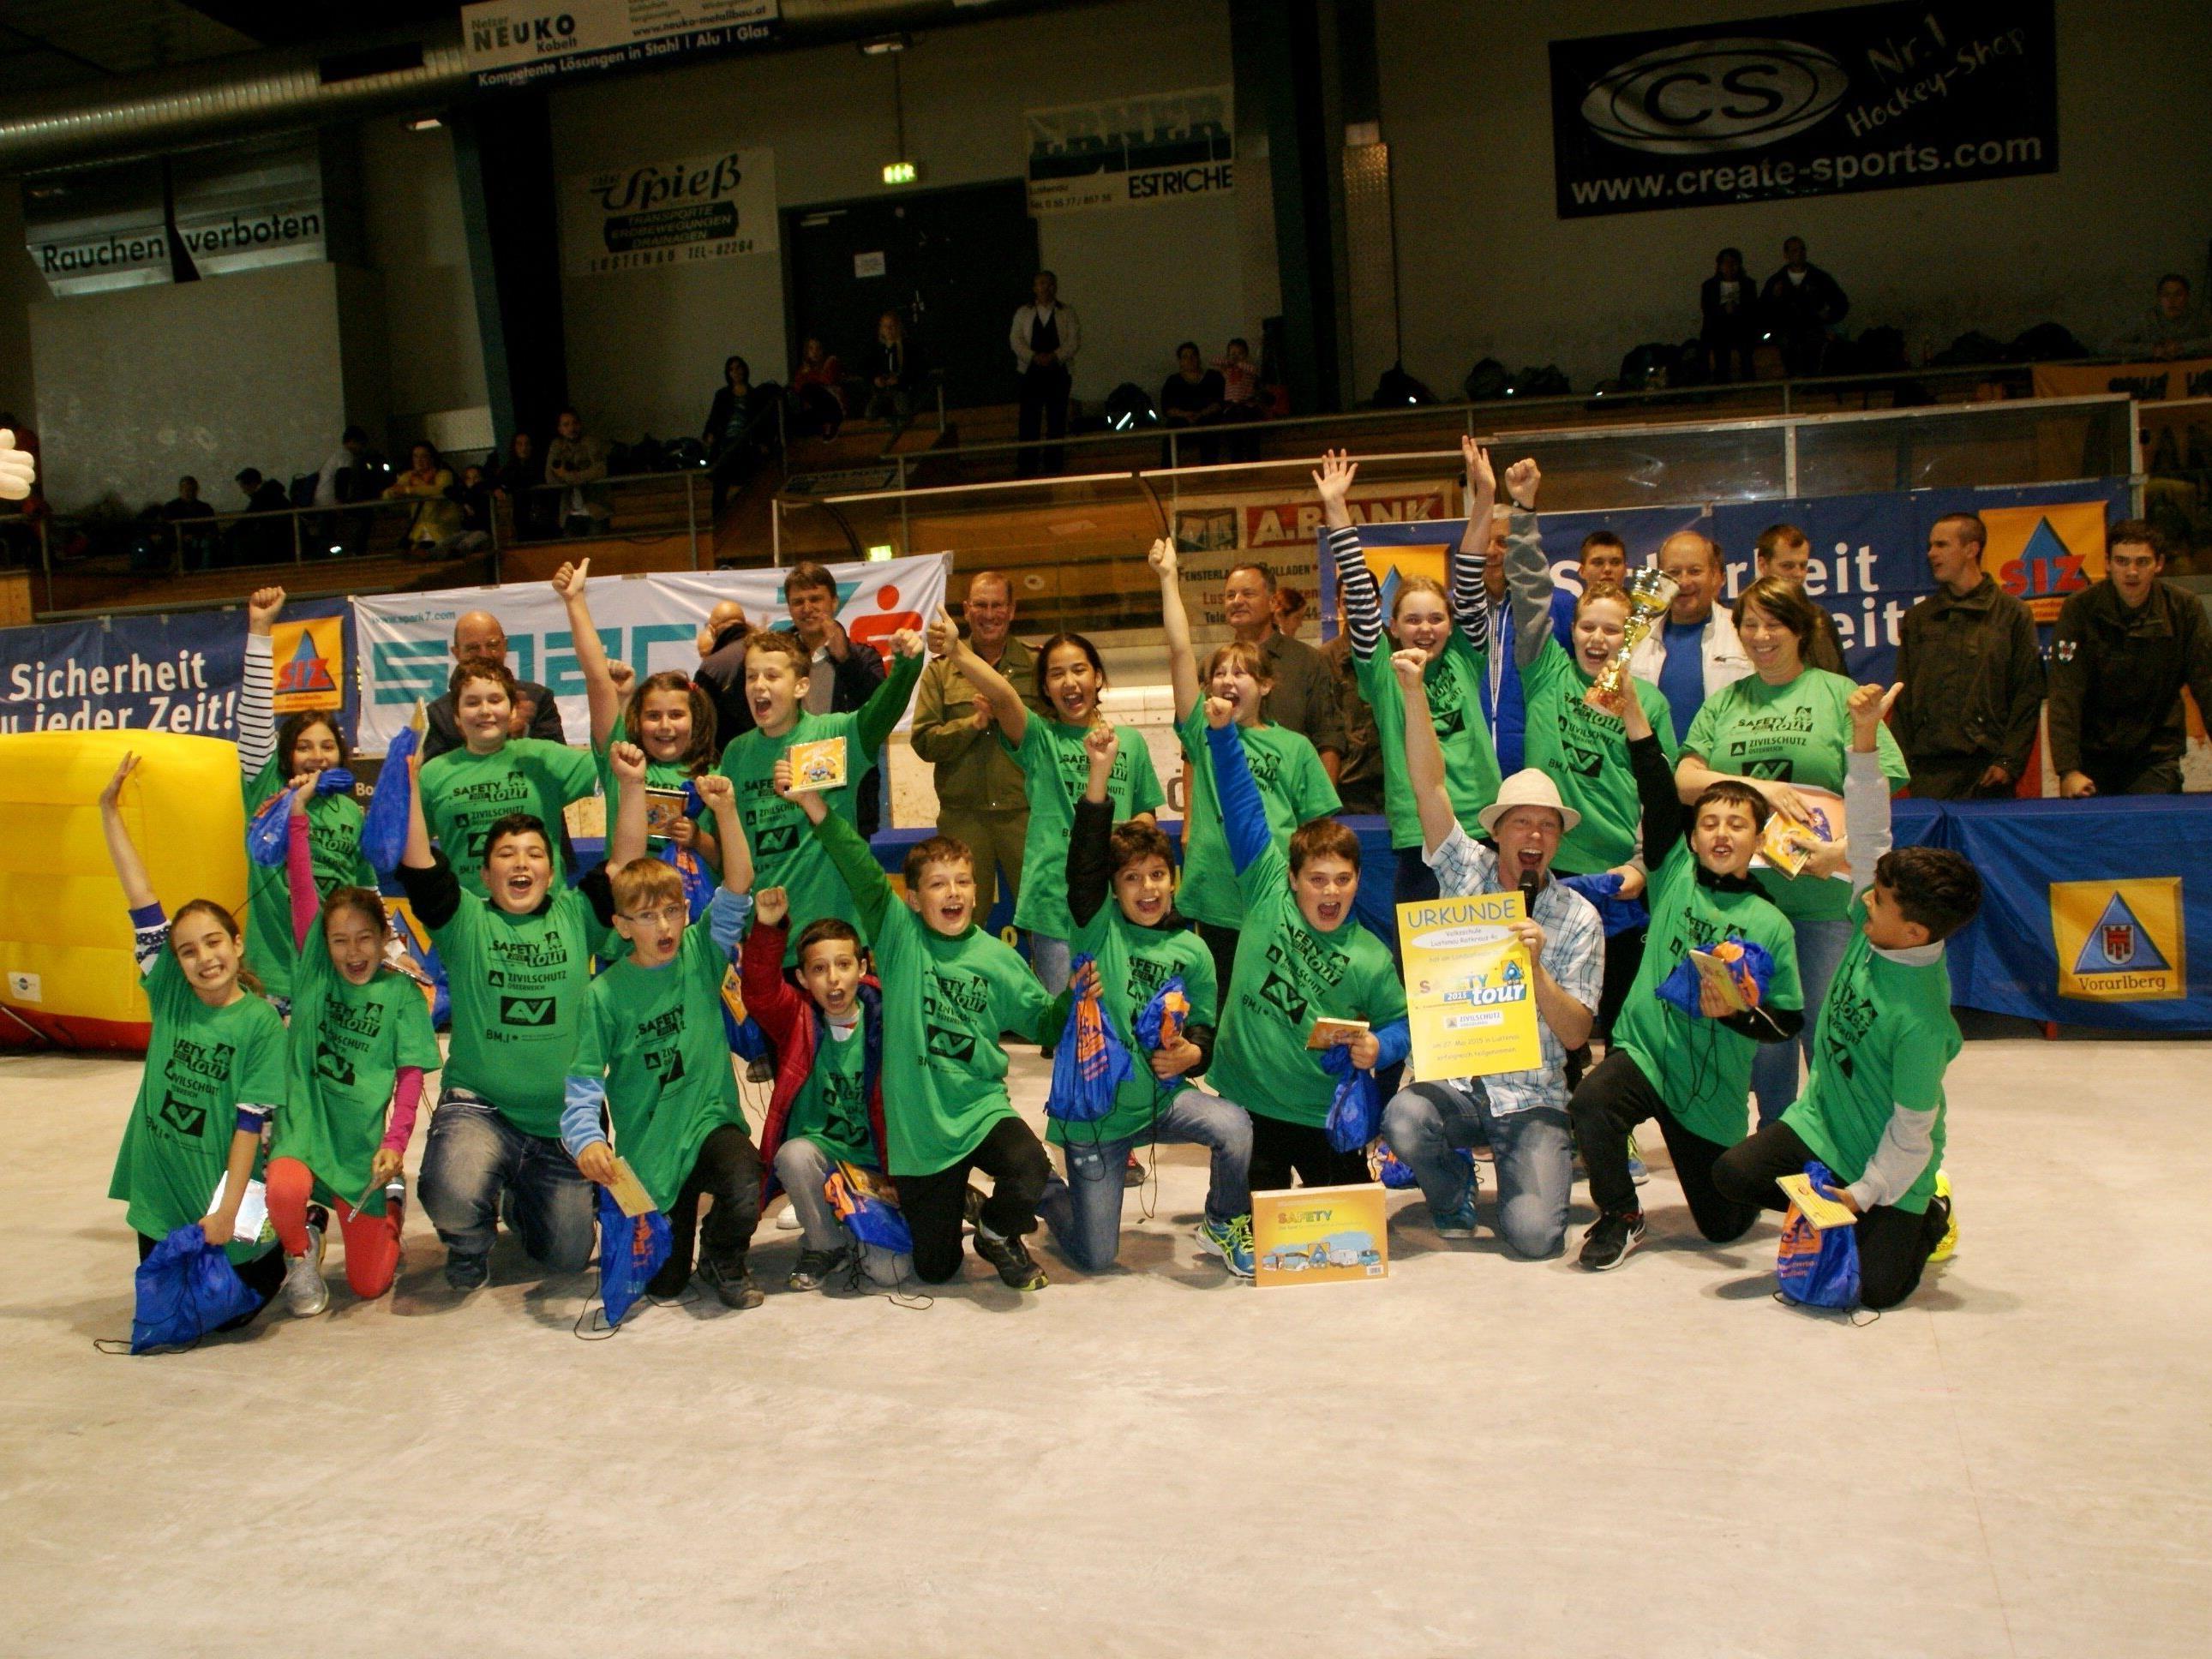 Kampf der Gefahr - die Schüler der 4c Rotkreuz siegten bei der Kinderolympiade